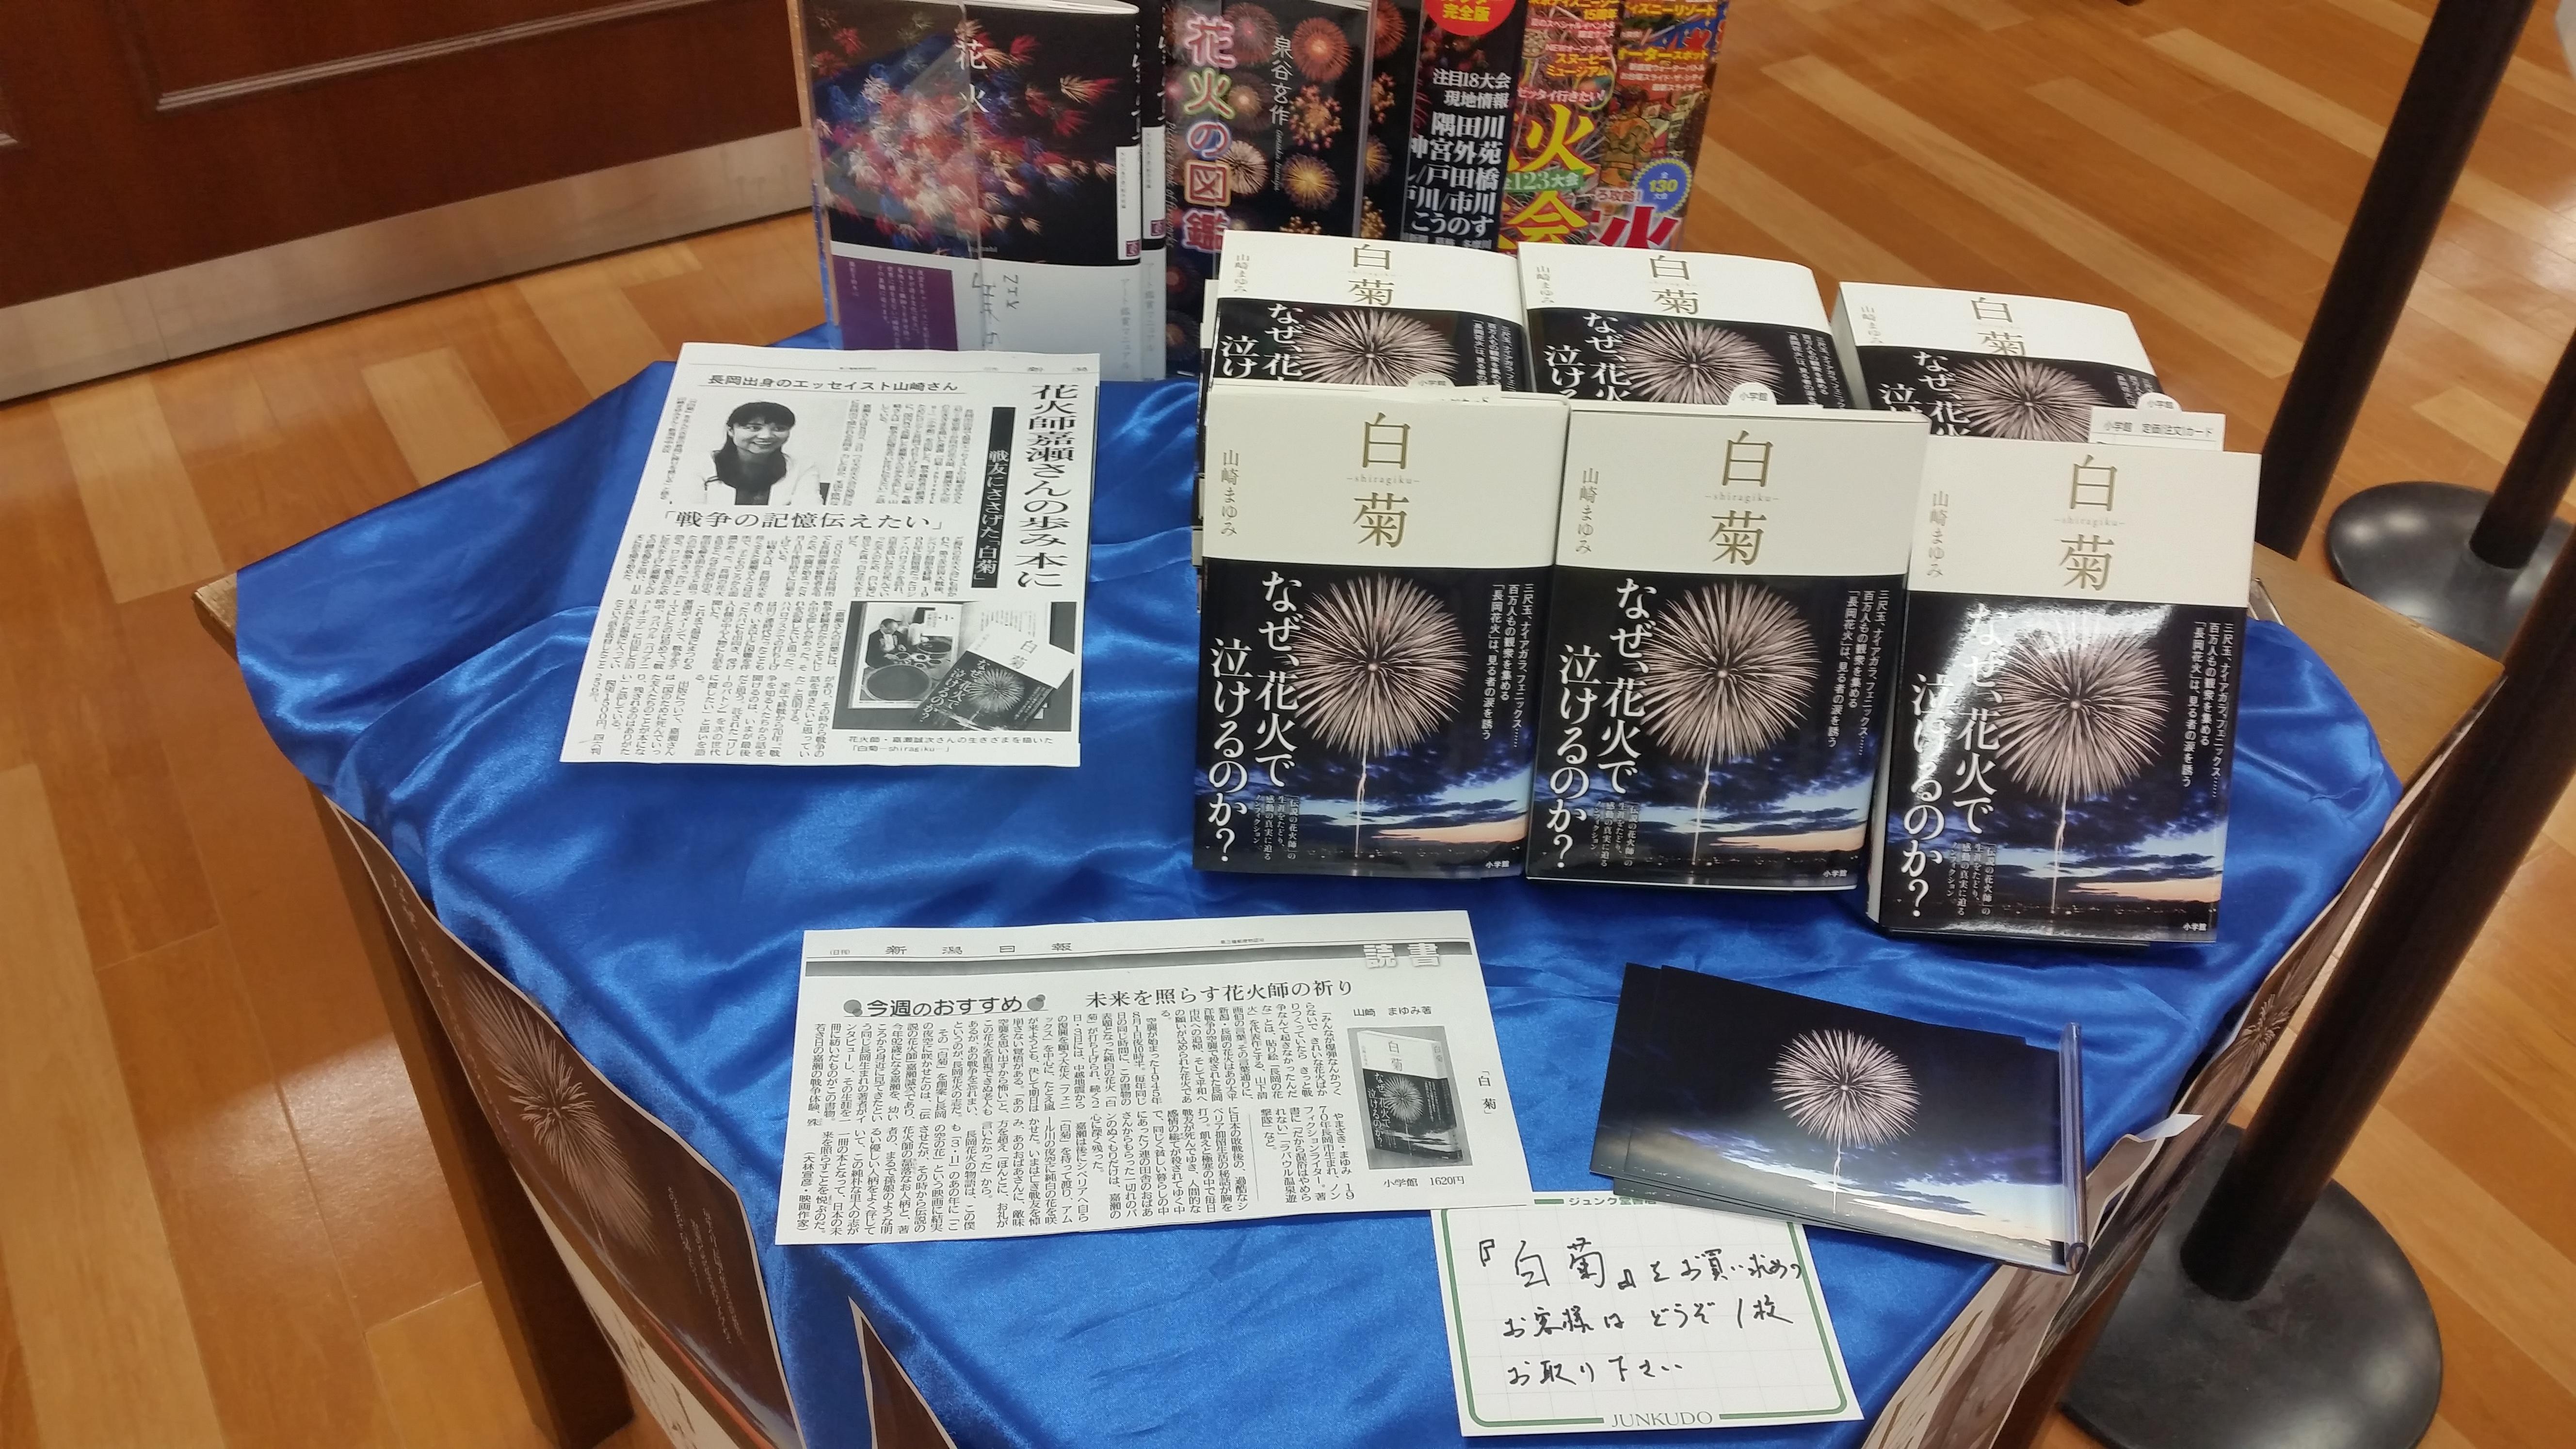 20160802_172256.jpg